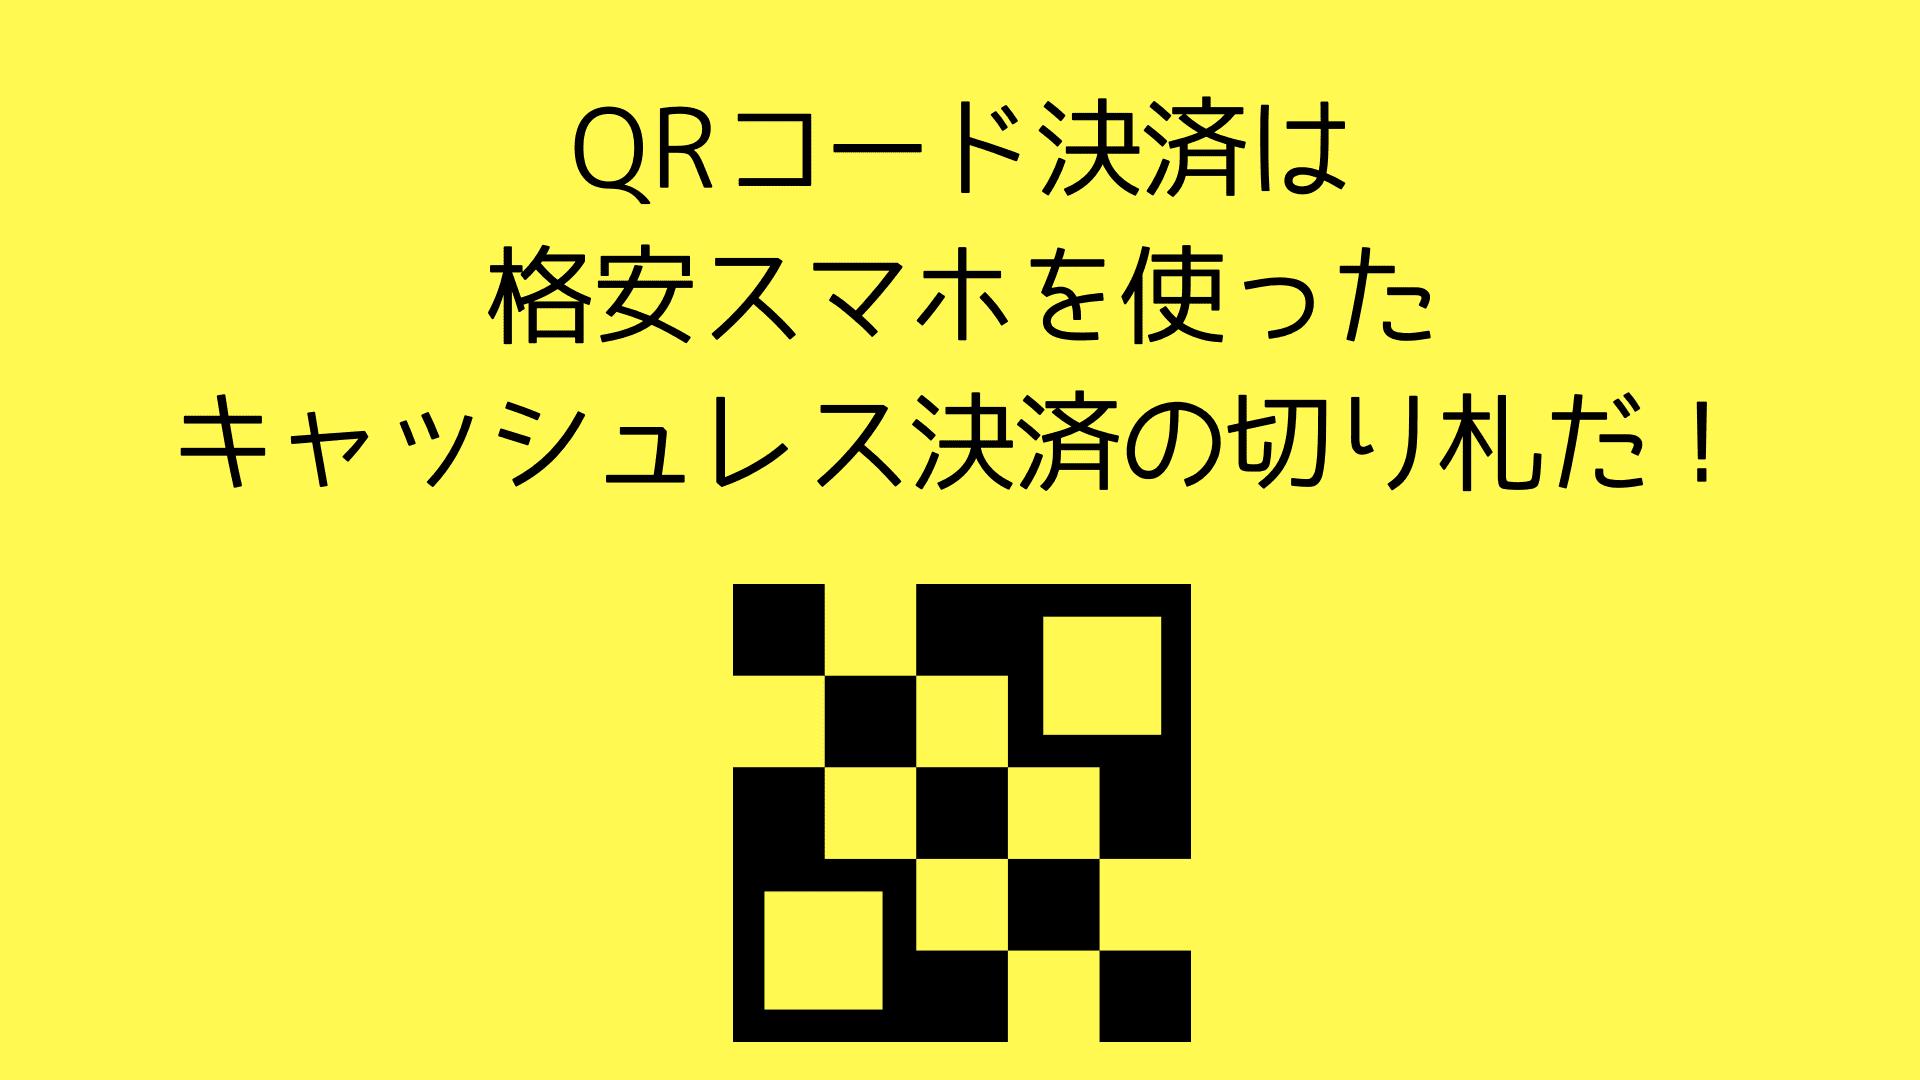 QRコード決済は格安スマホを使ったキャッシュレス決済の切り札